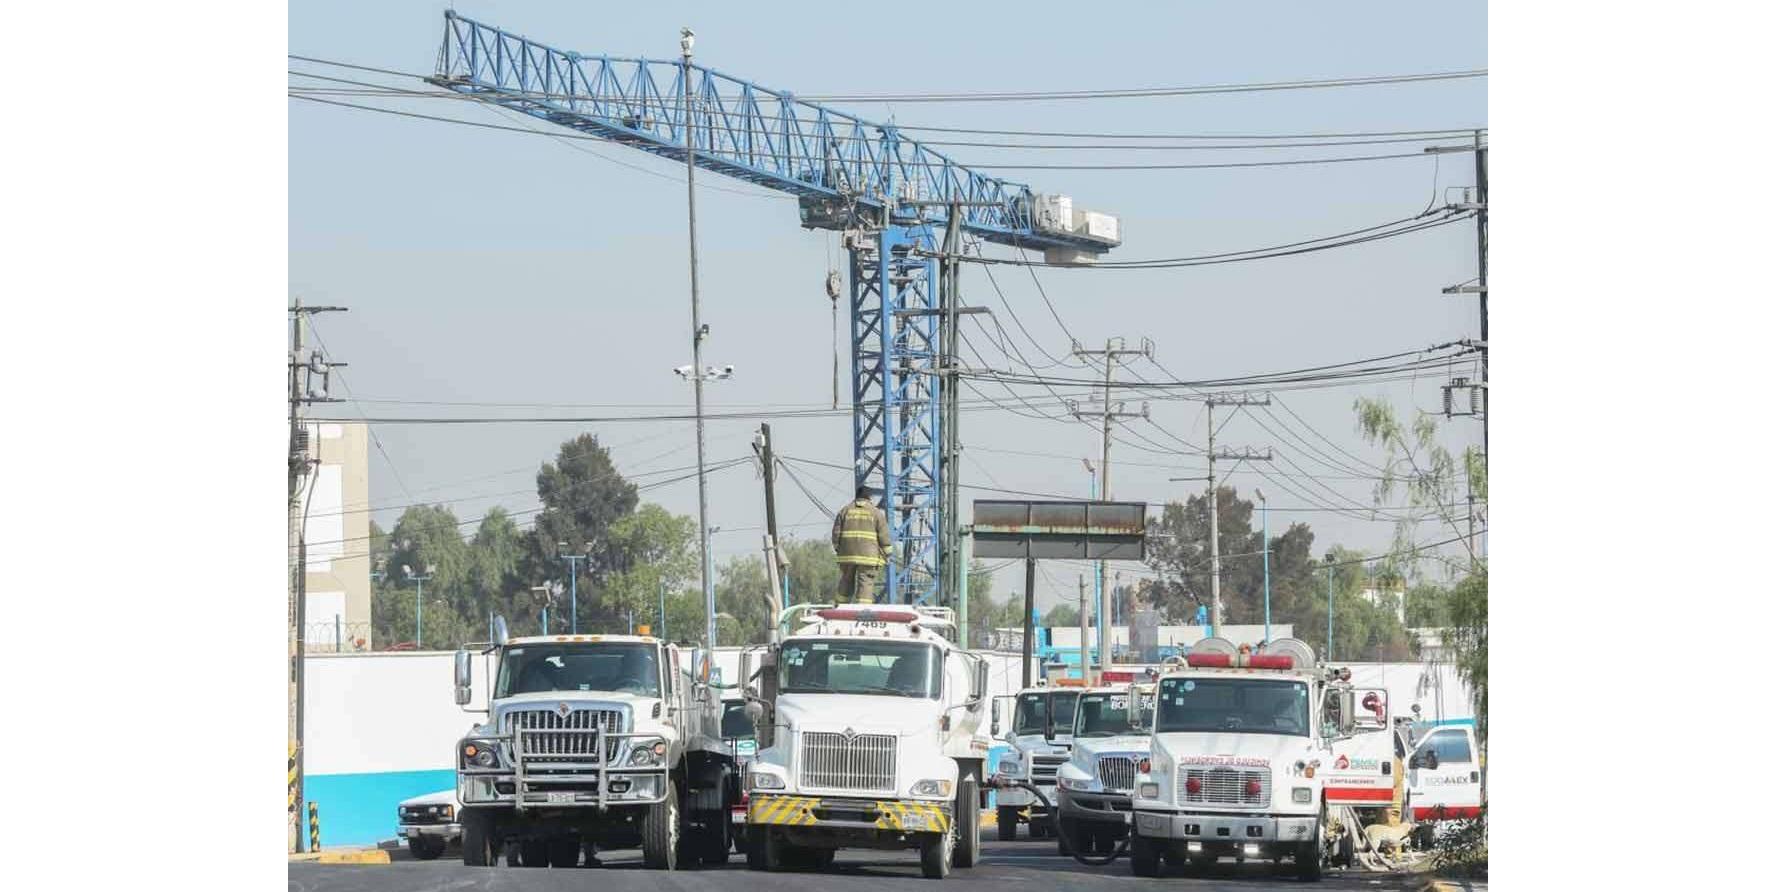 Aseguran punto de huachicol de dimensiones industriales en Ecatepec